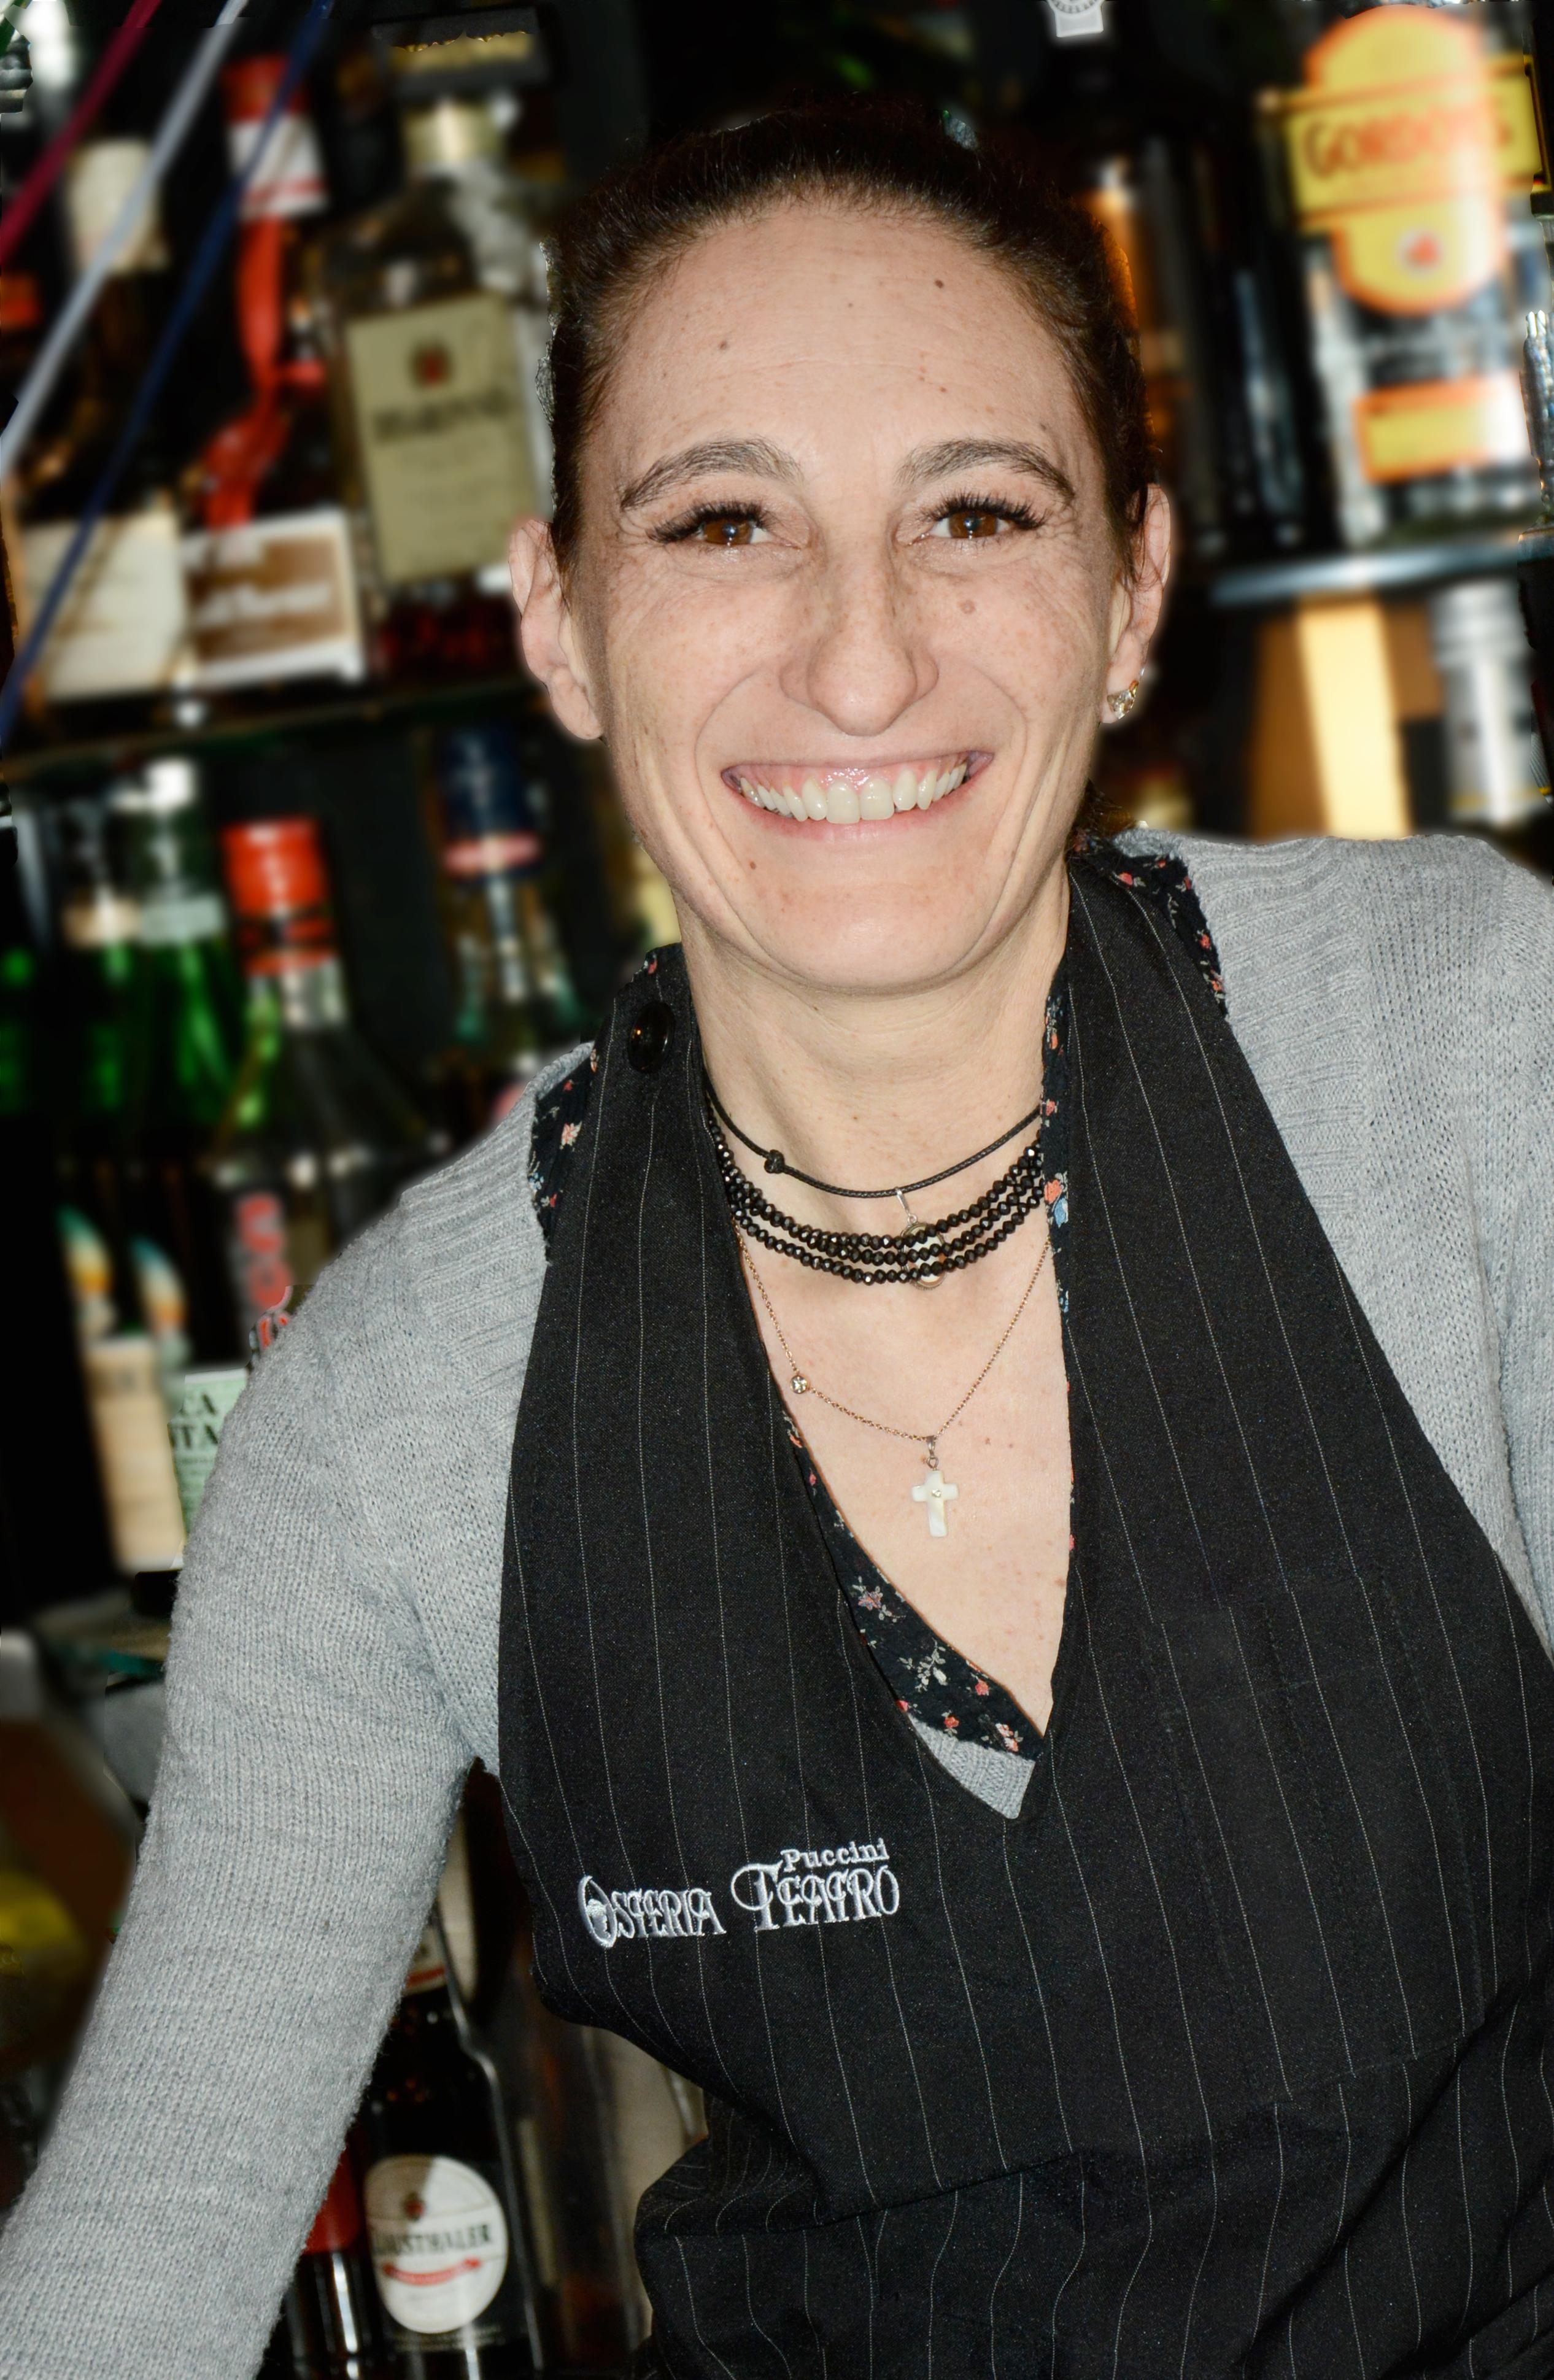 Barista_2_OsteriaTetaro_Puccini_gastronomia